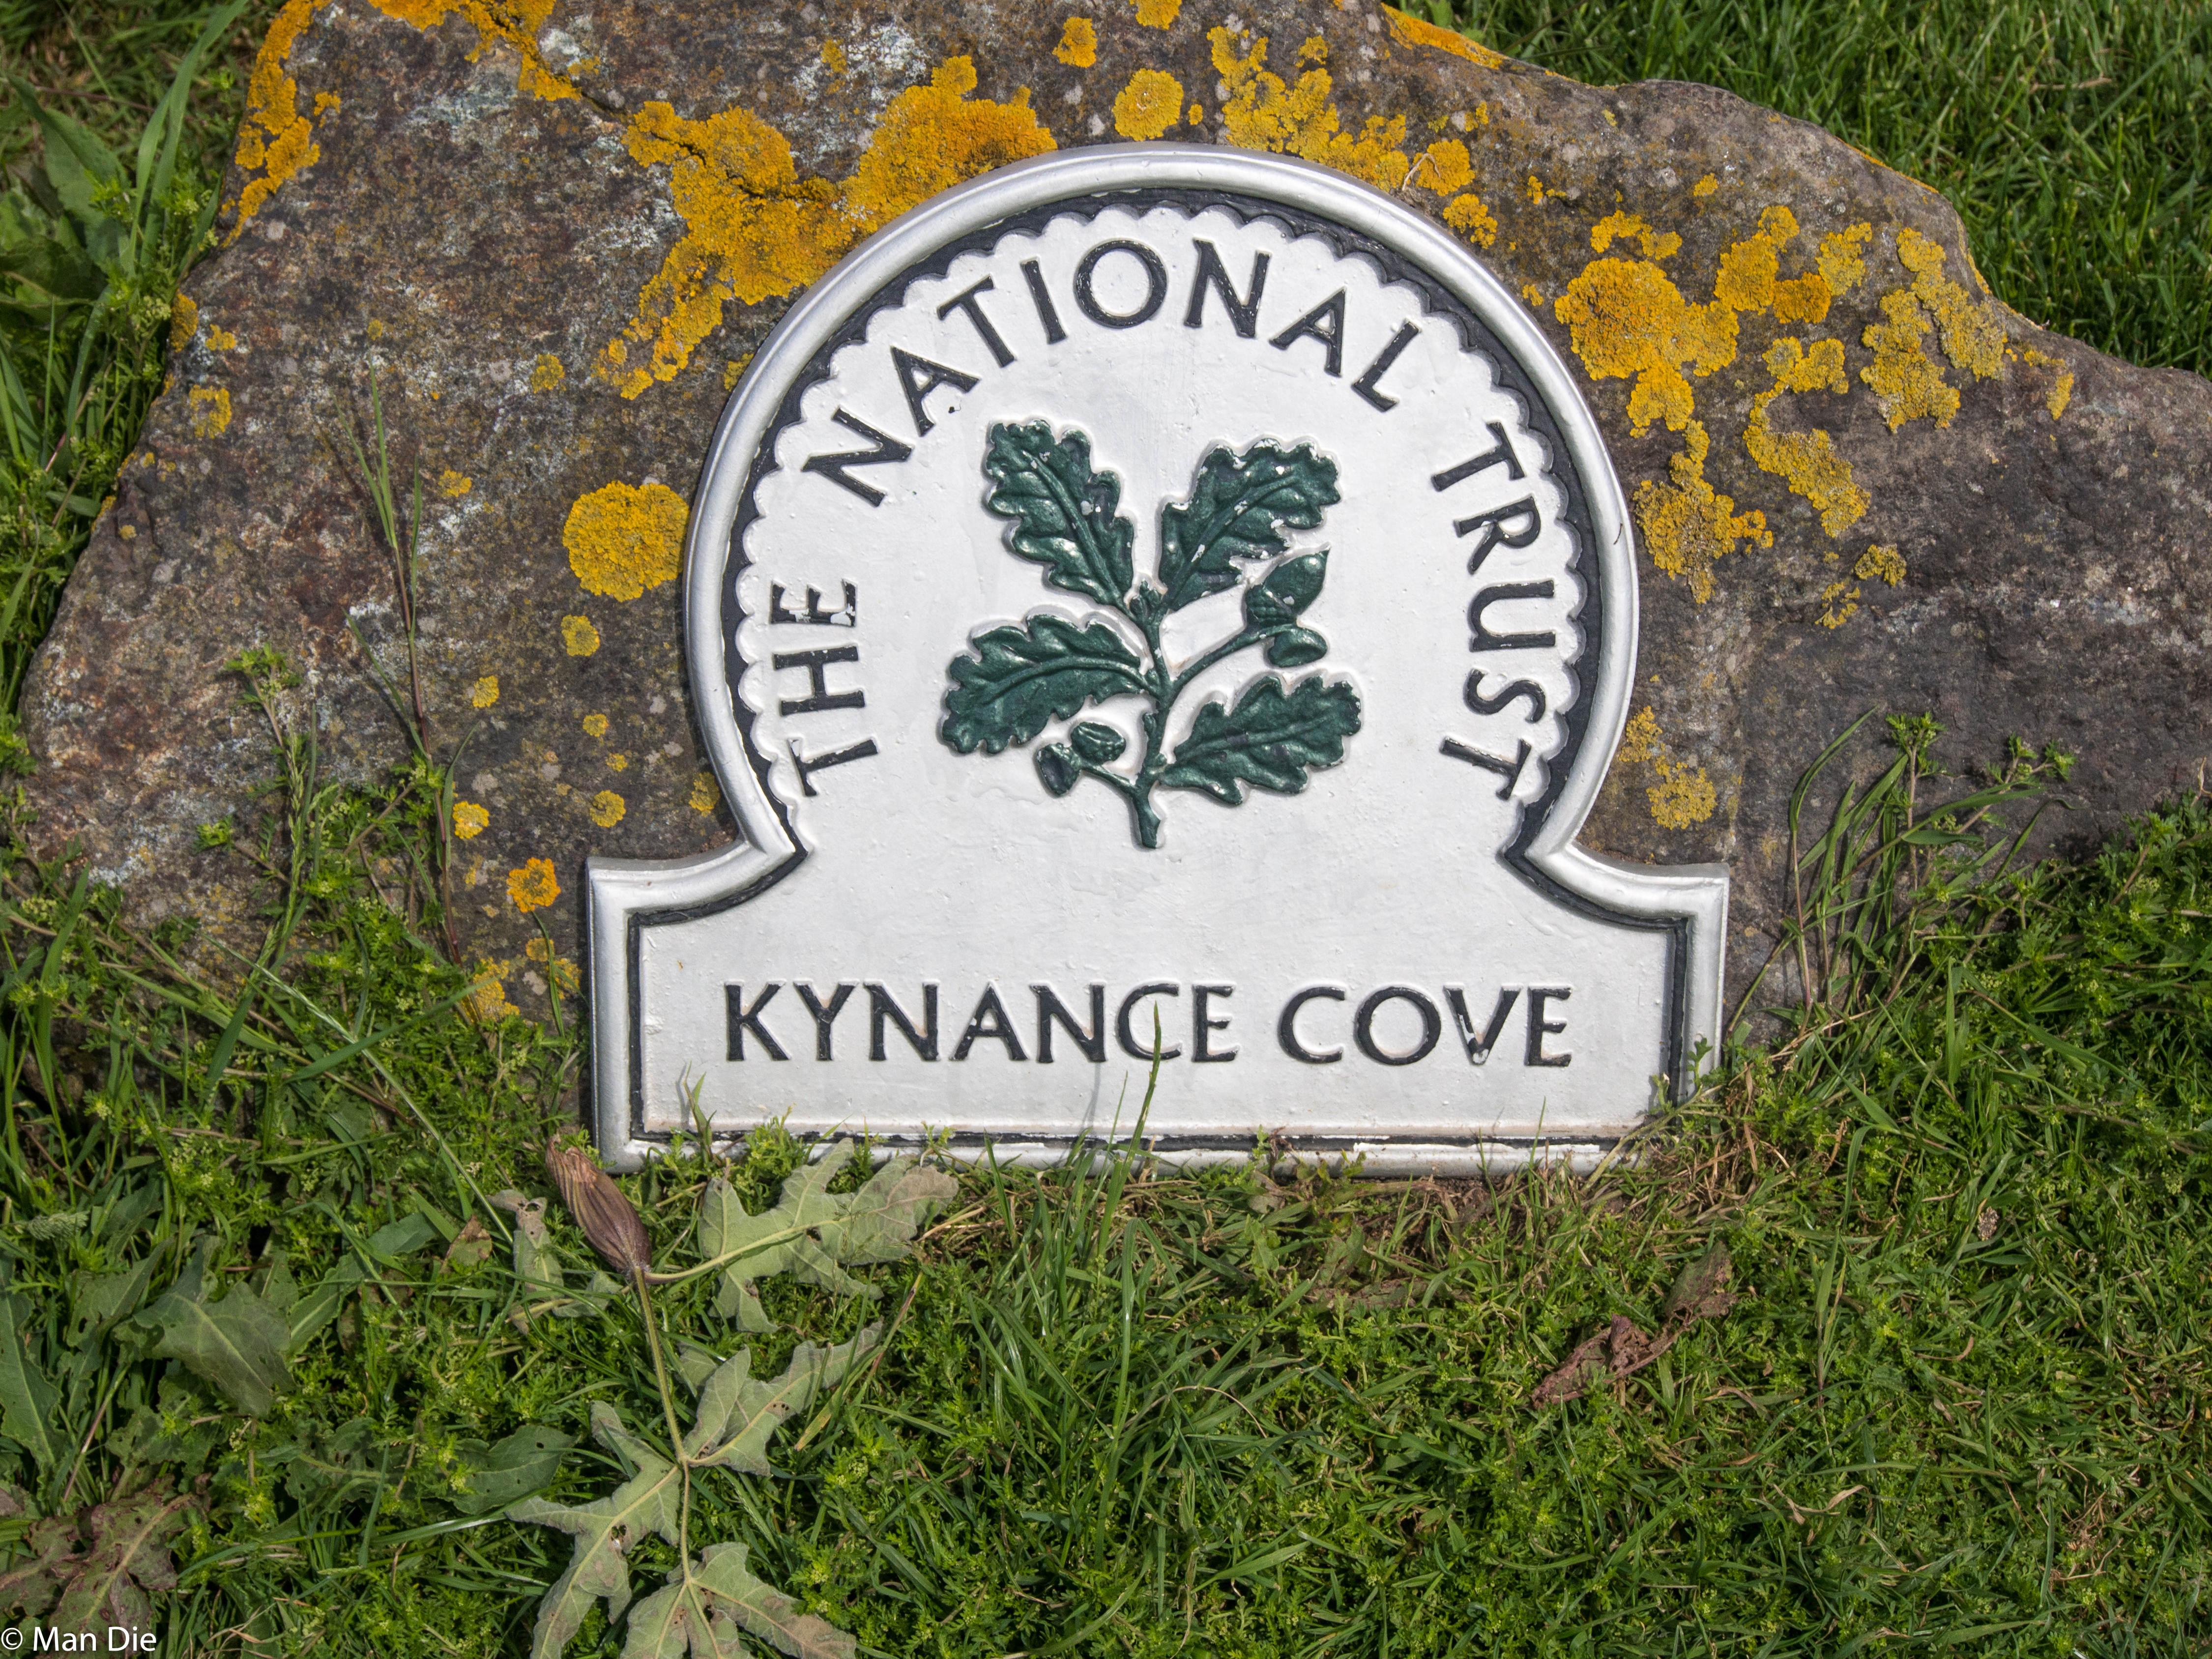 National Trust - eine lohnende Mitgliedschaft?